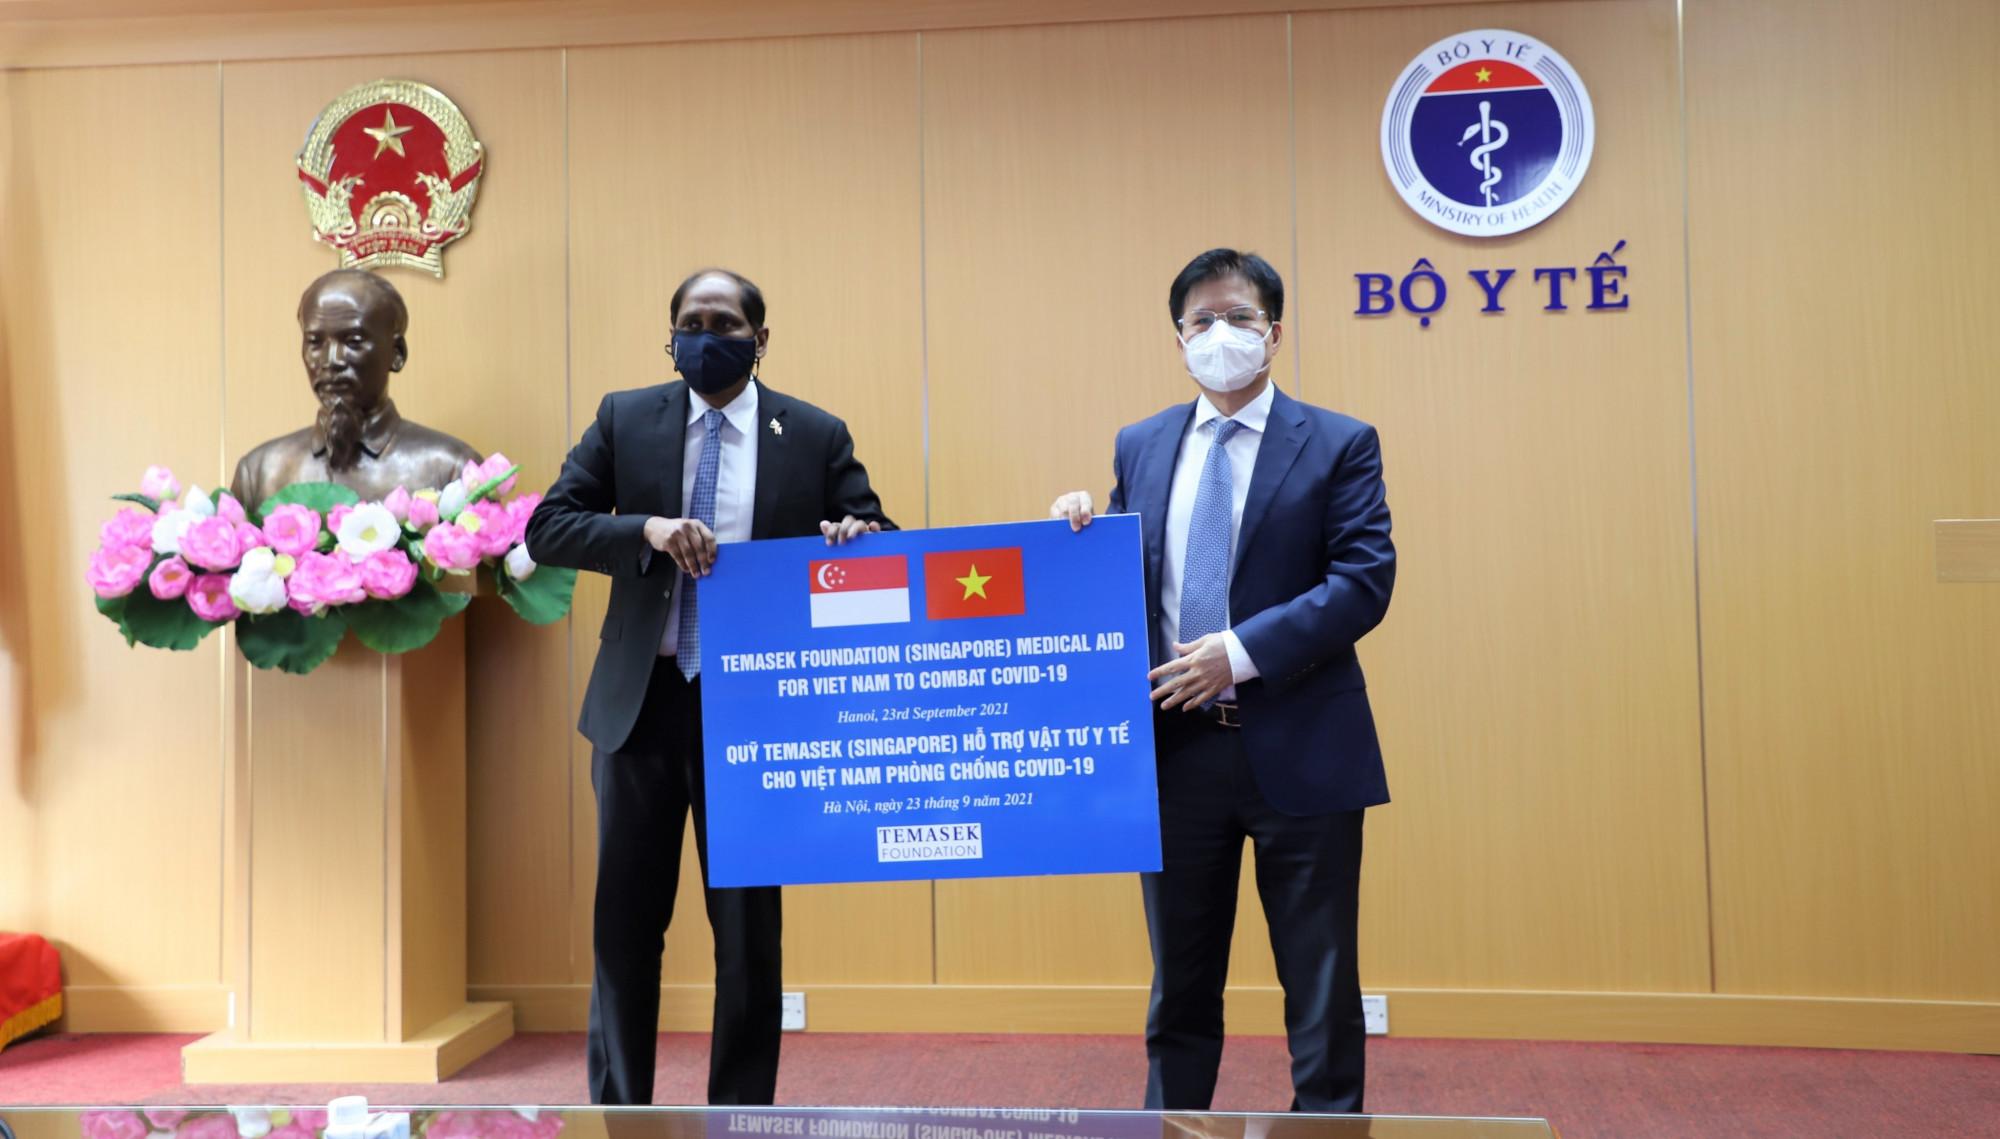 Việt Nam tiếp nhận hỗ trợ trang thiết bị y tế từ Quỹ Temasek của Singapore với tổng giá trị lên tới hơn 92 tỷ đồng